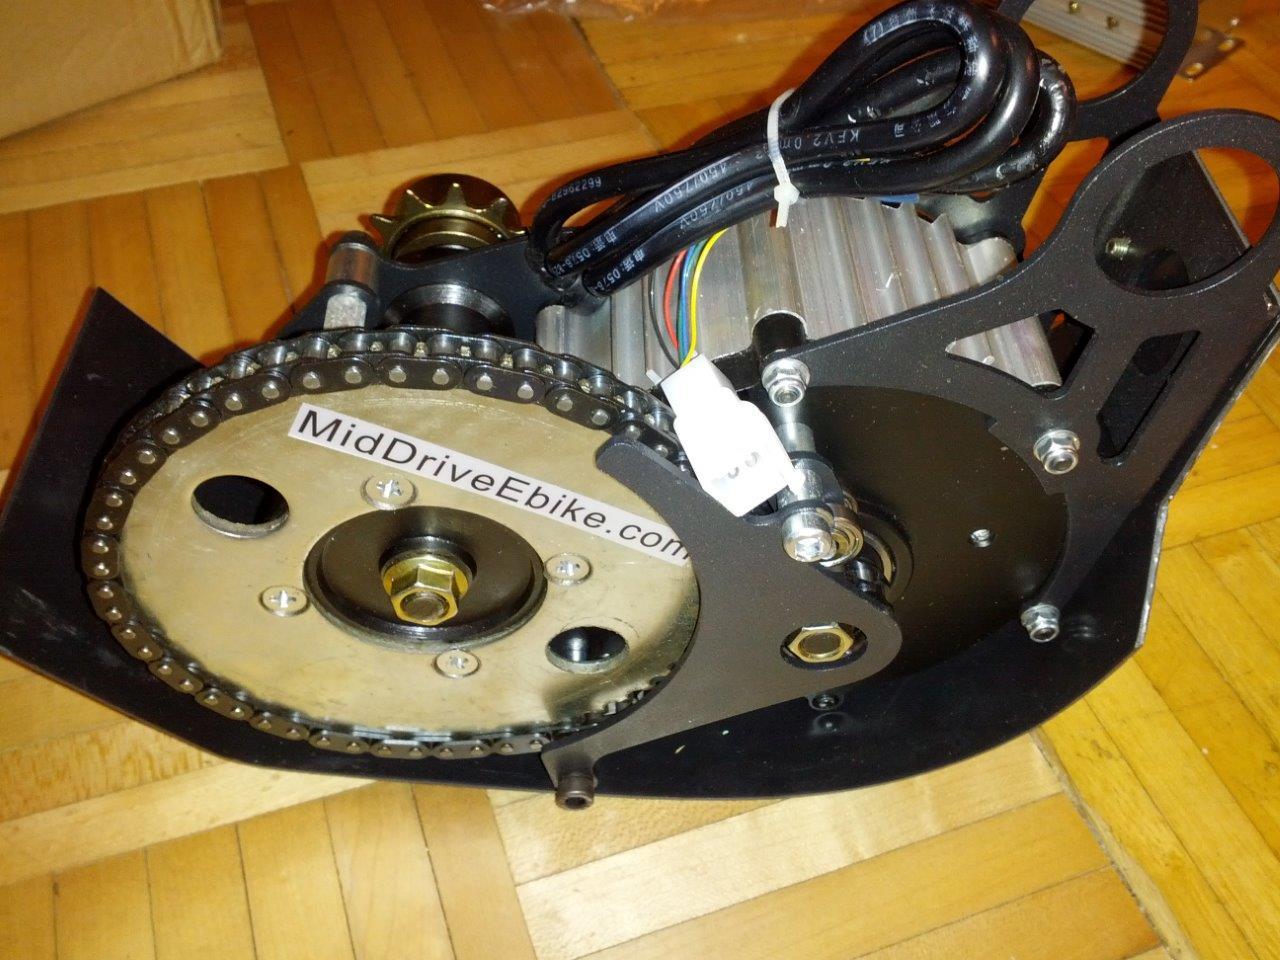 700w 60v Brushless Mid Drive Ebike Conversion Kit